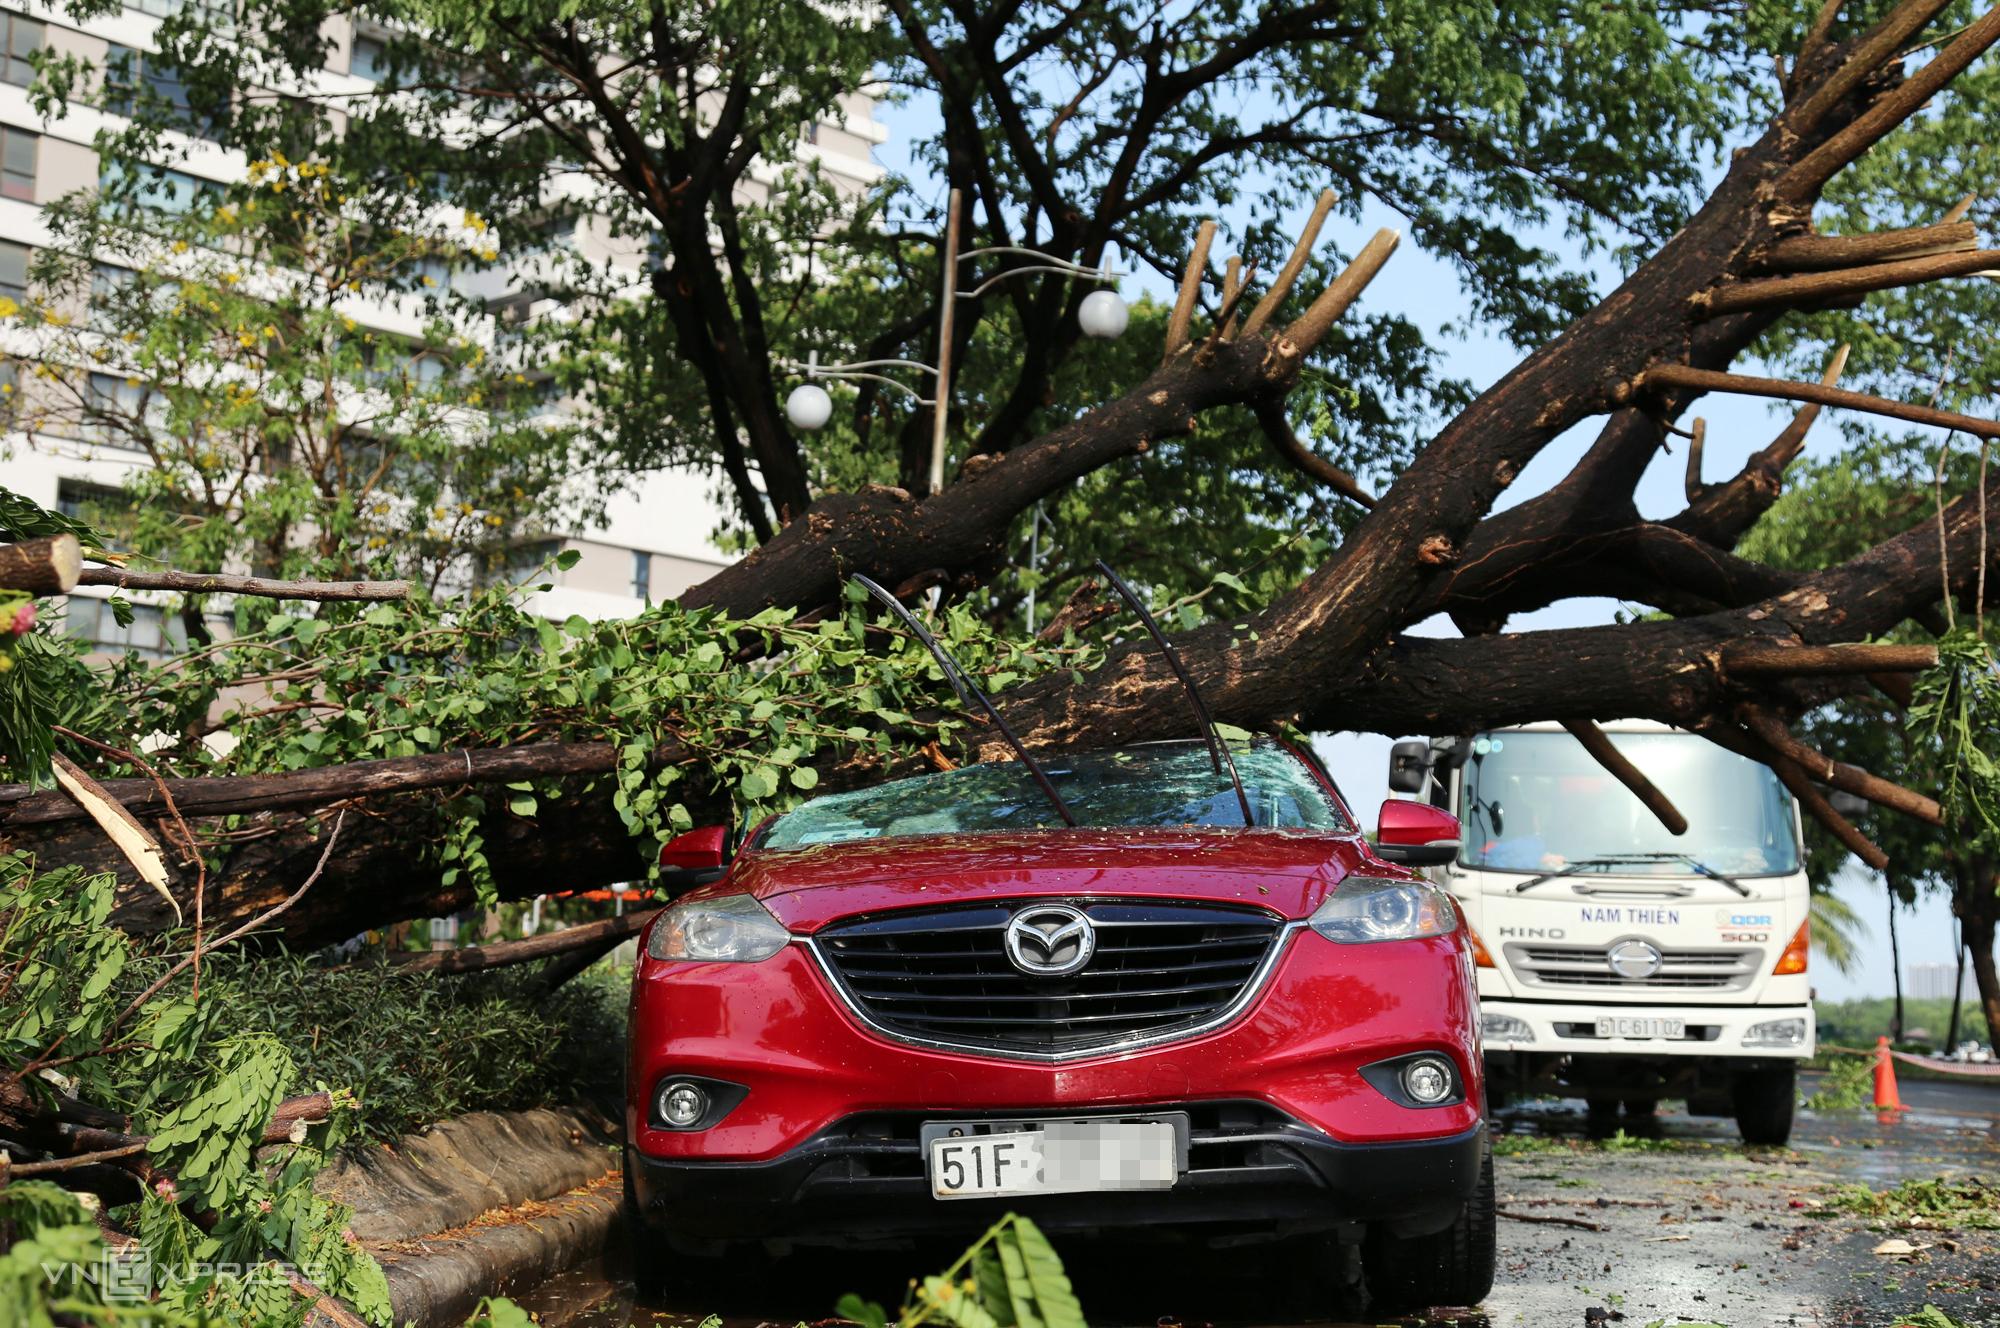 Ôtô bị cây đè bẹp ở Phú Mỹ Hưng, quận 7. Ảnh: Đình Văn